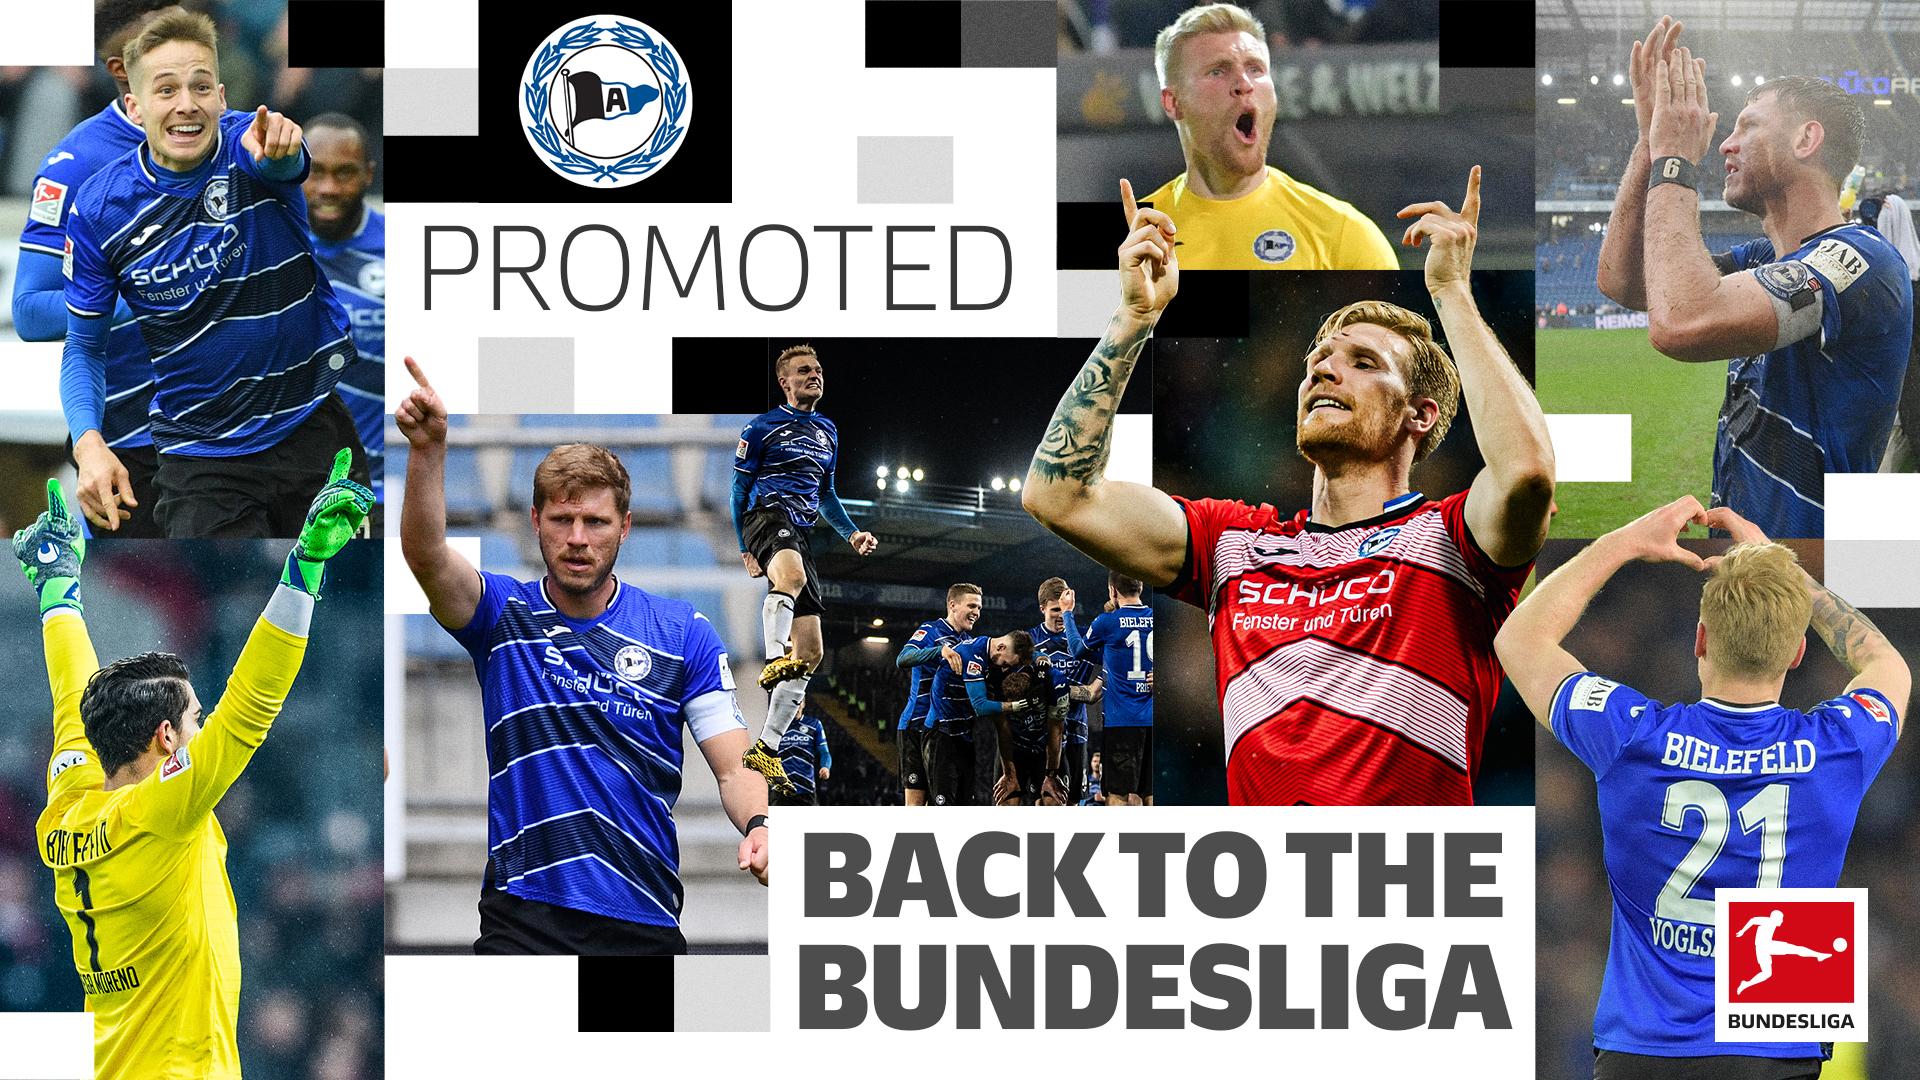 汉堡未能取胜,比勒菲尔德提前3轮升级11年后重返德甲